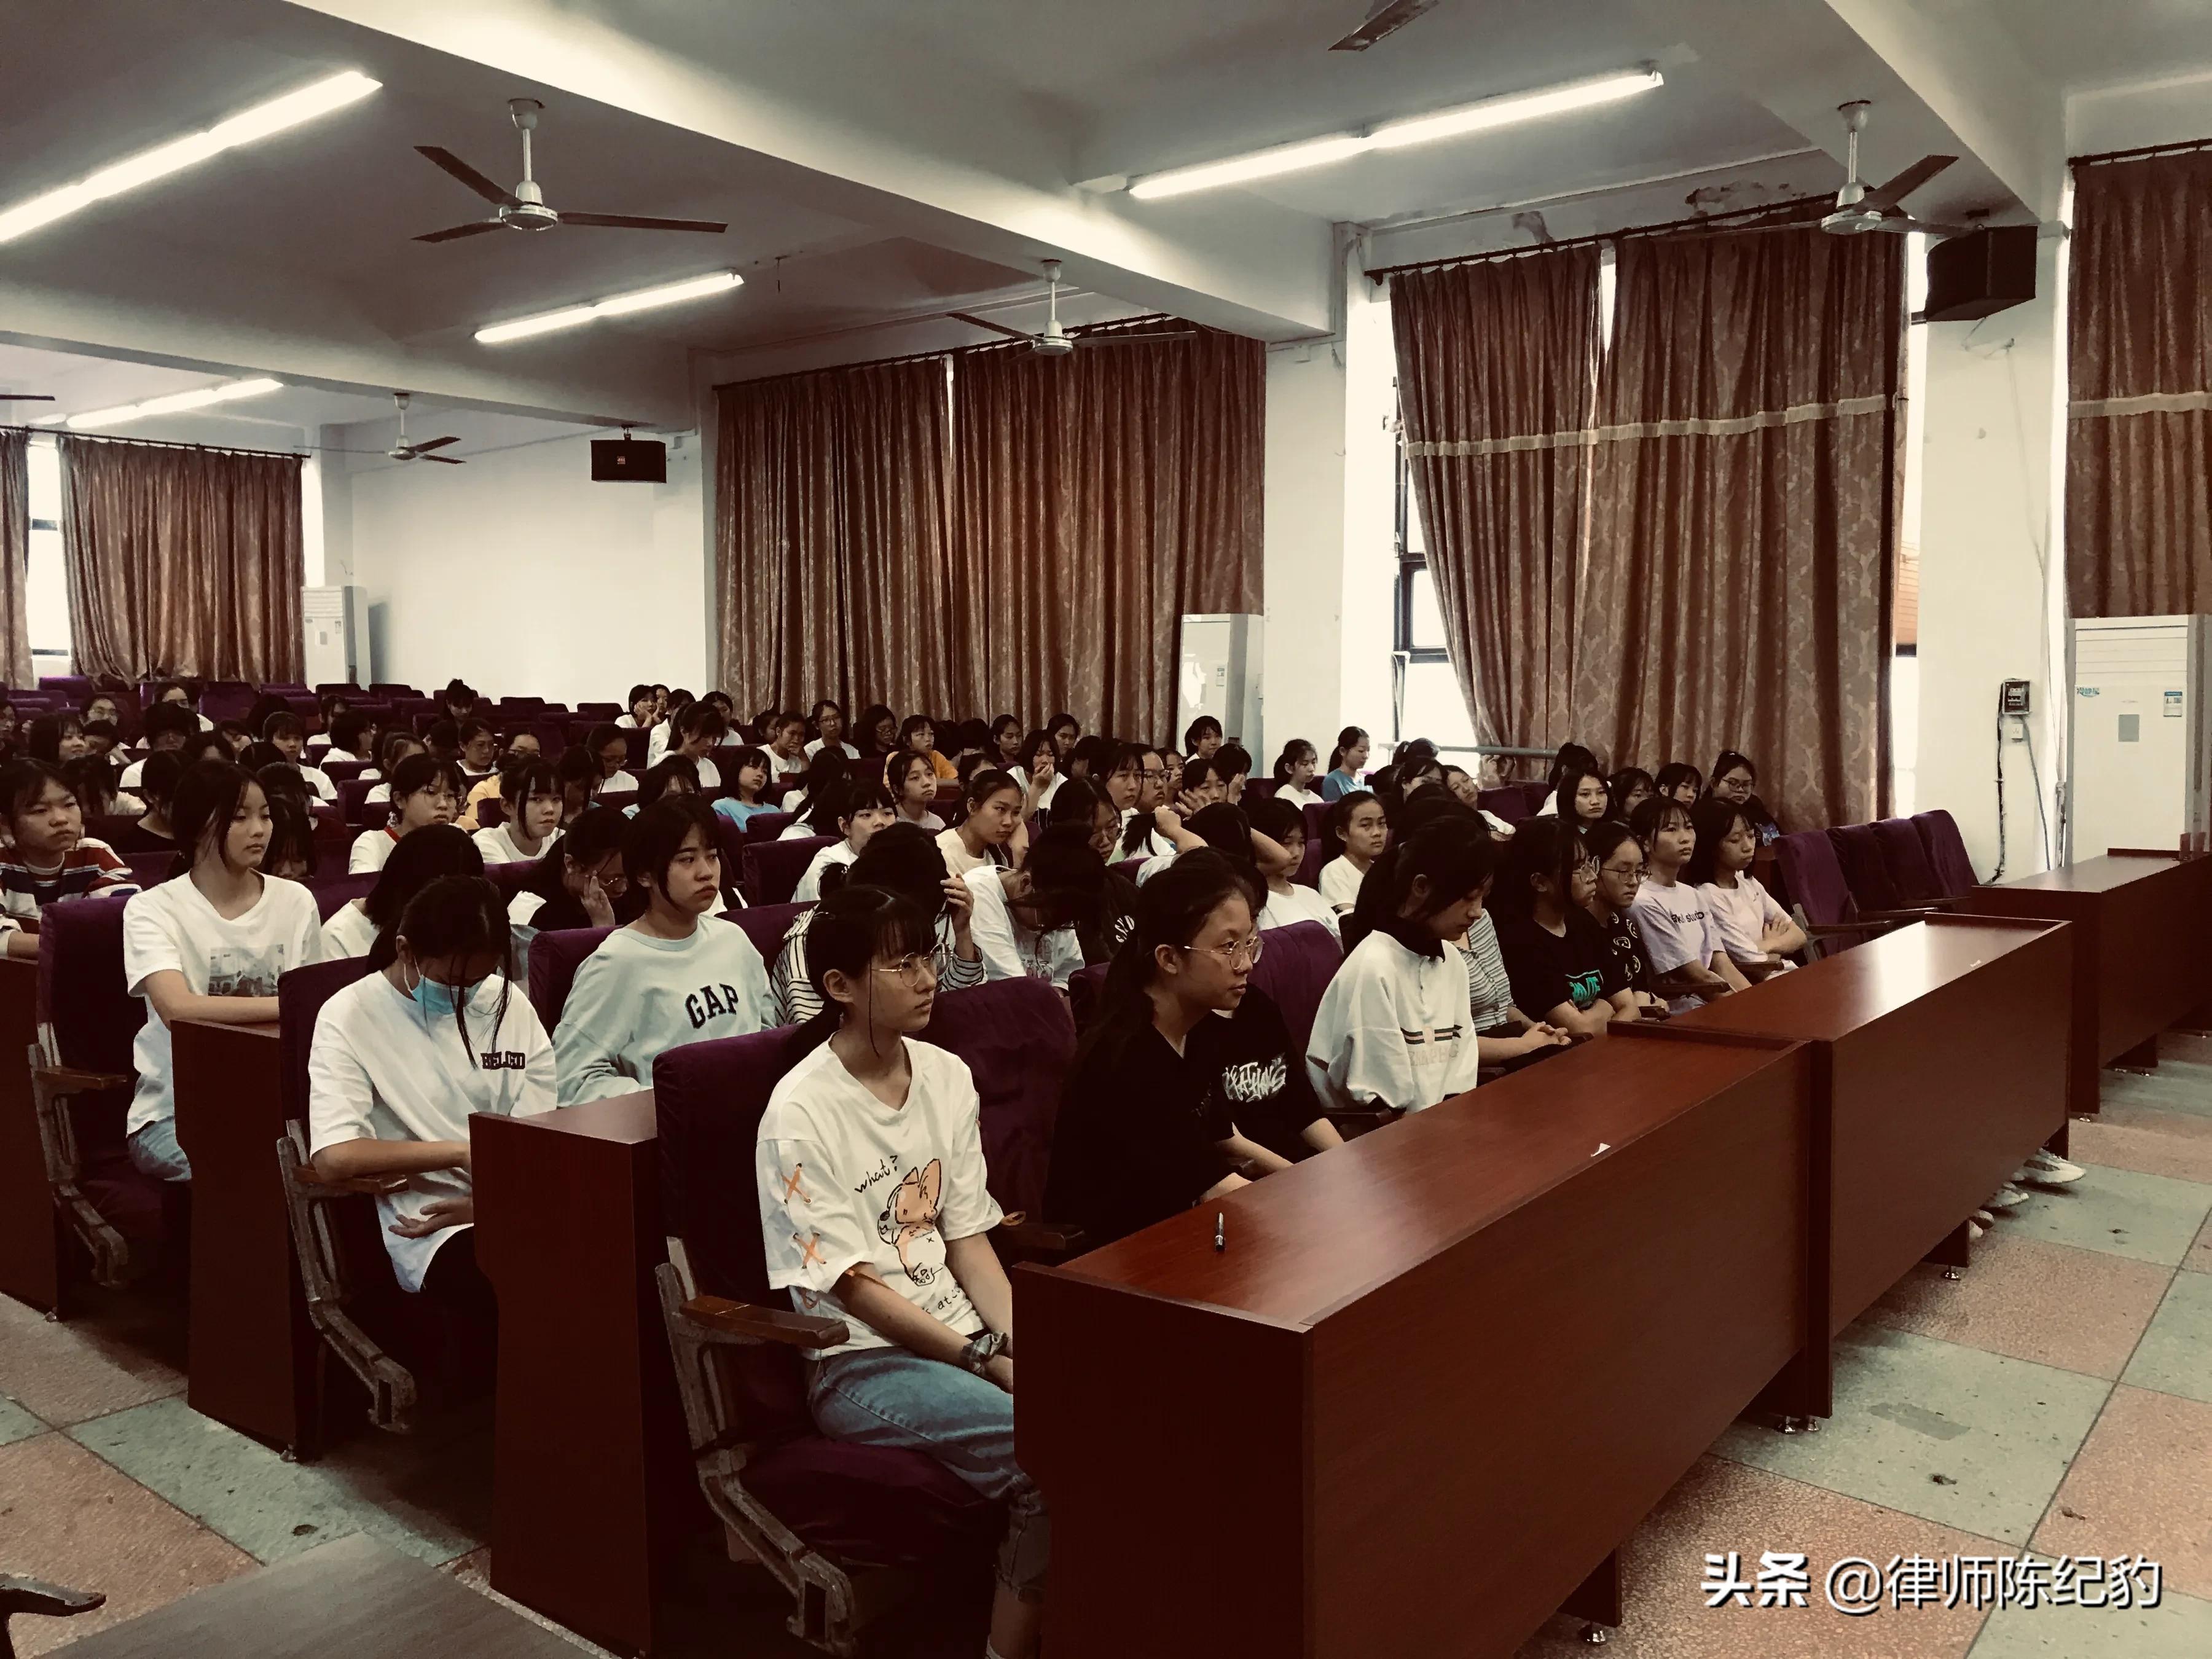 宽达福清律师事务所陈纪豹主任入选福清市《民法典》宣讲团成员